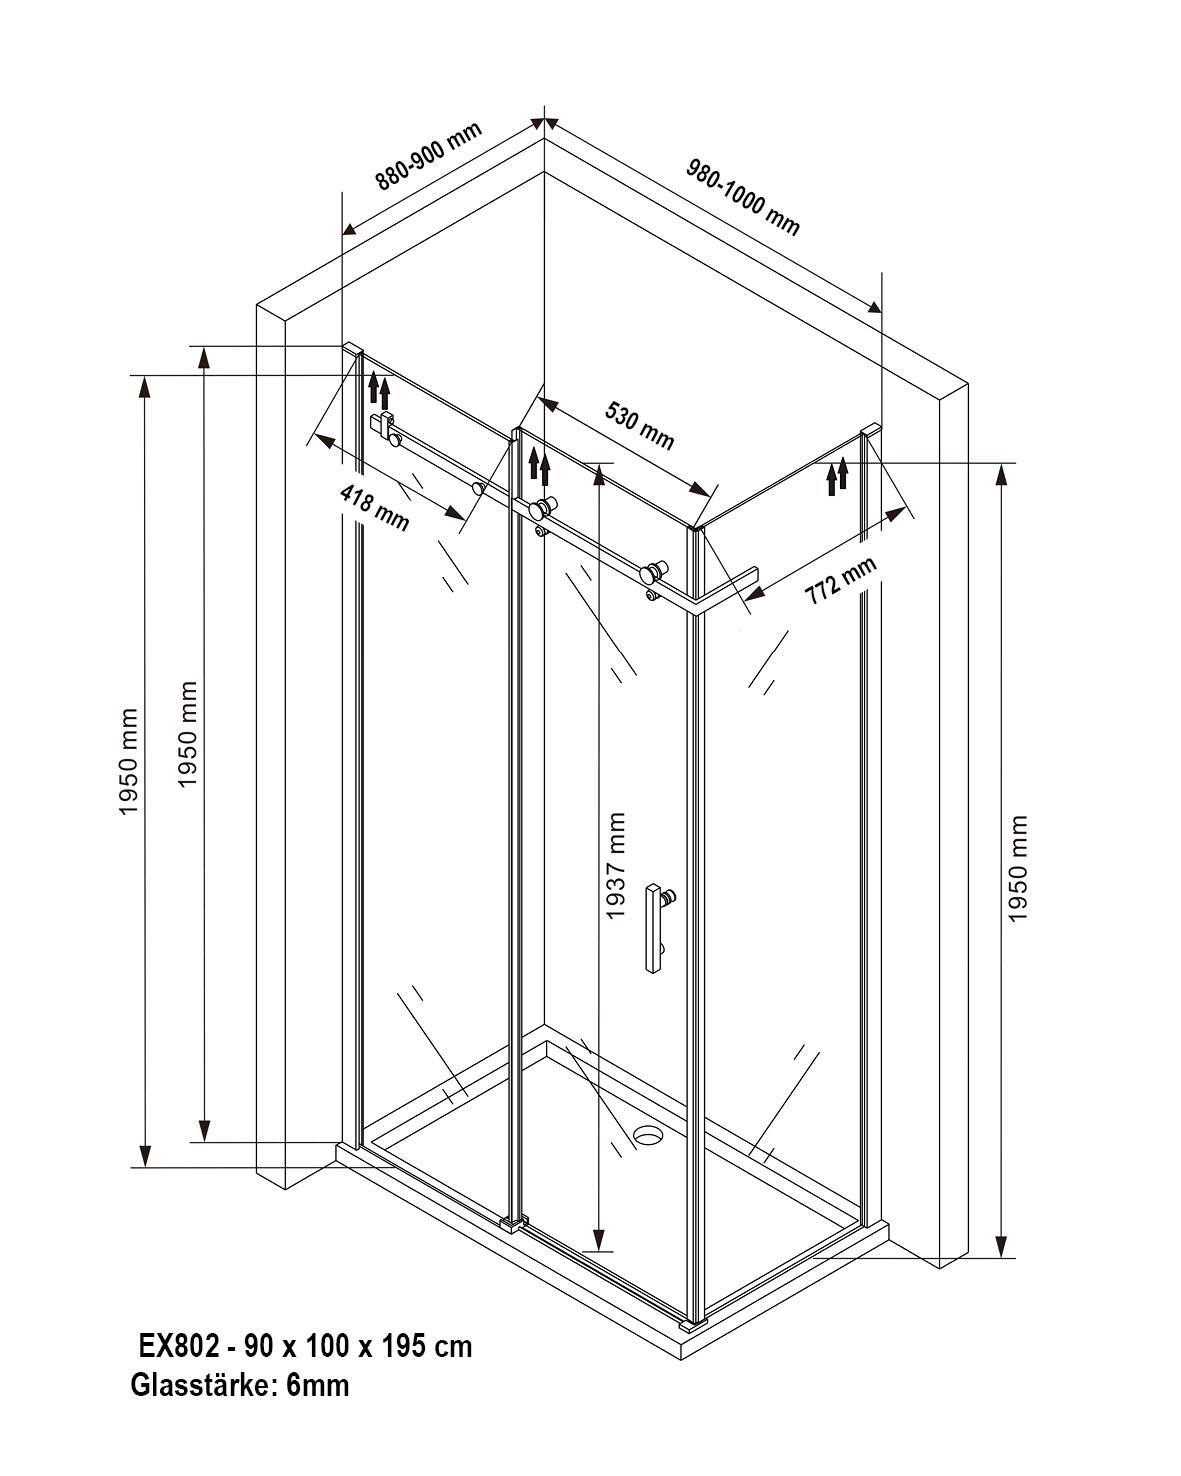 Duschkabine EX802 - 6mm - Zeichnung